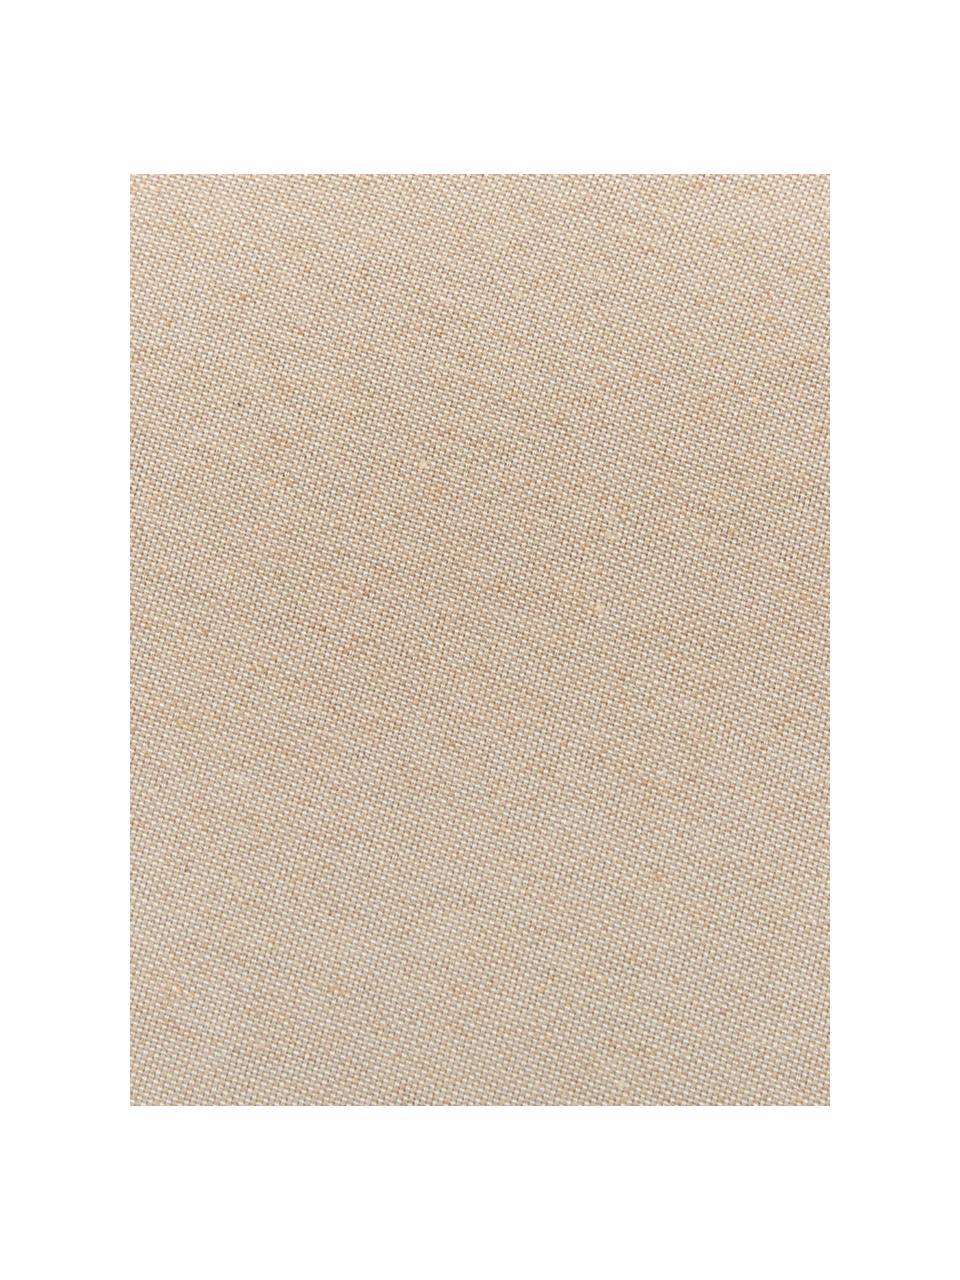 Einfarbige Bankauflage Panama in Sandfarben, Bezug: 50% Baumwolle, 45% Polyes, Sandfarben, 48 x 120 cm